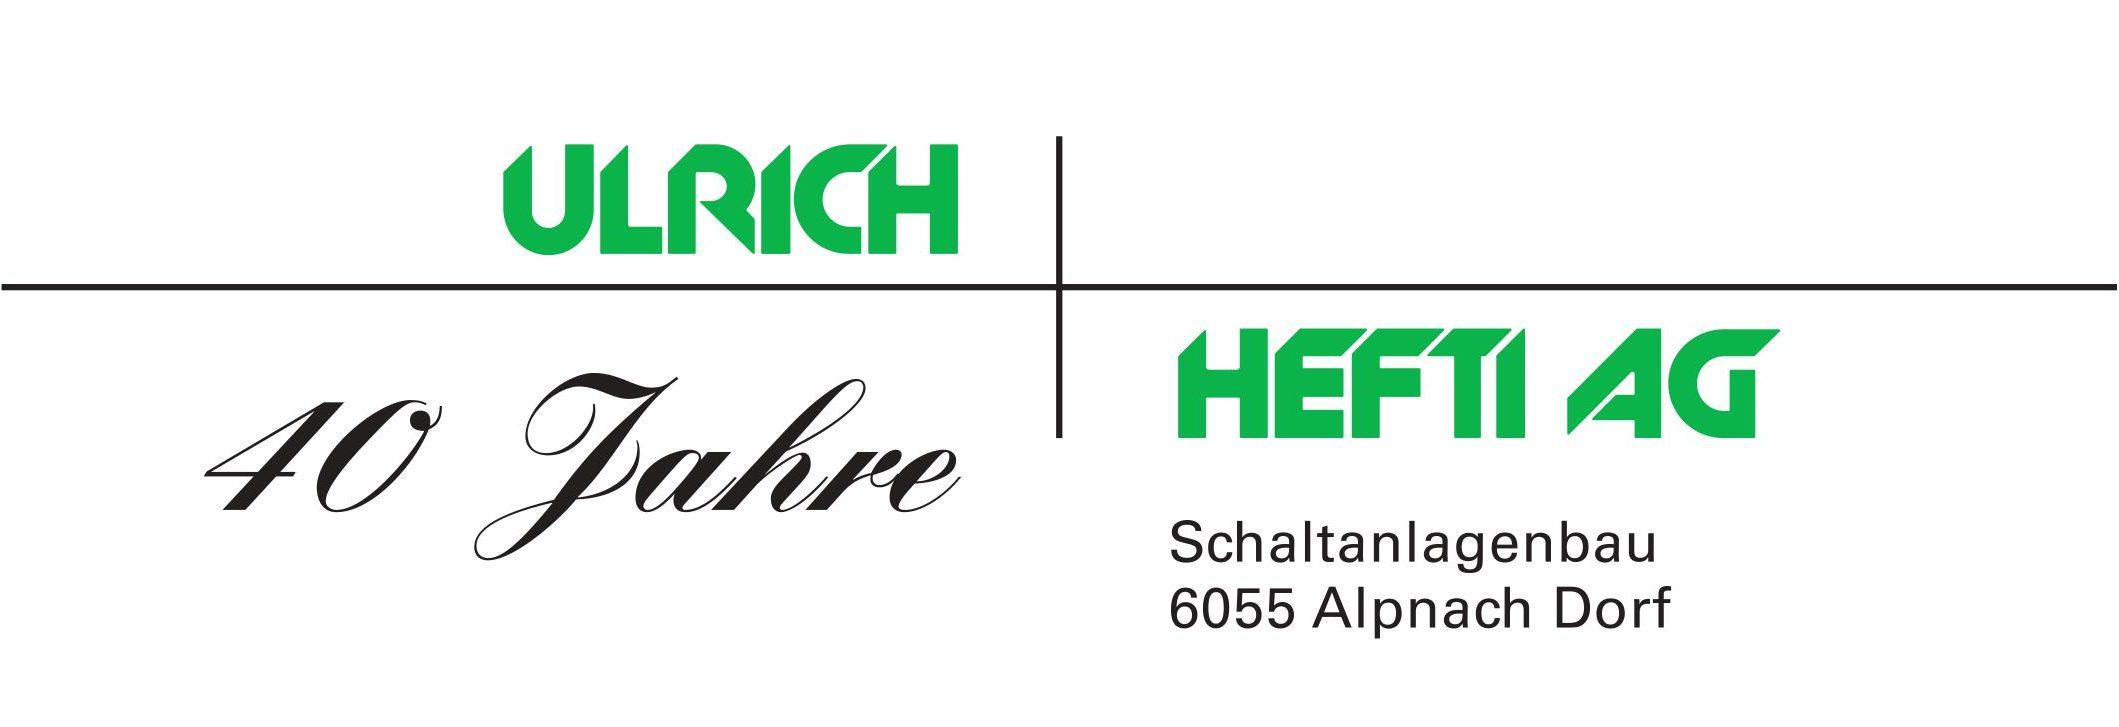 Ulrich + Hefti AG